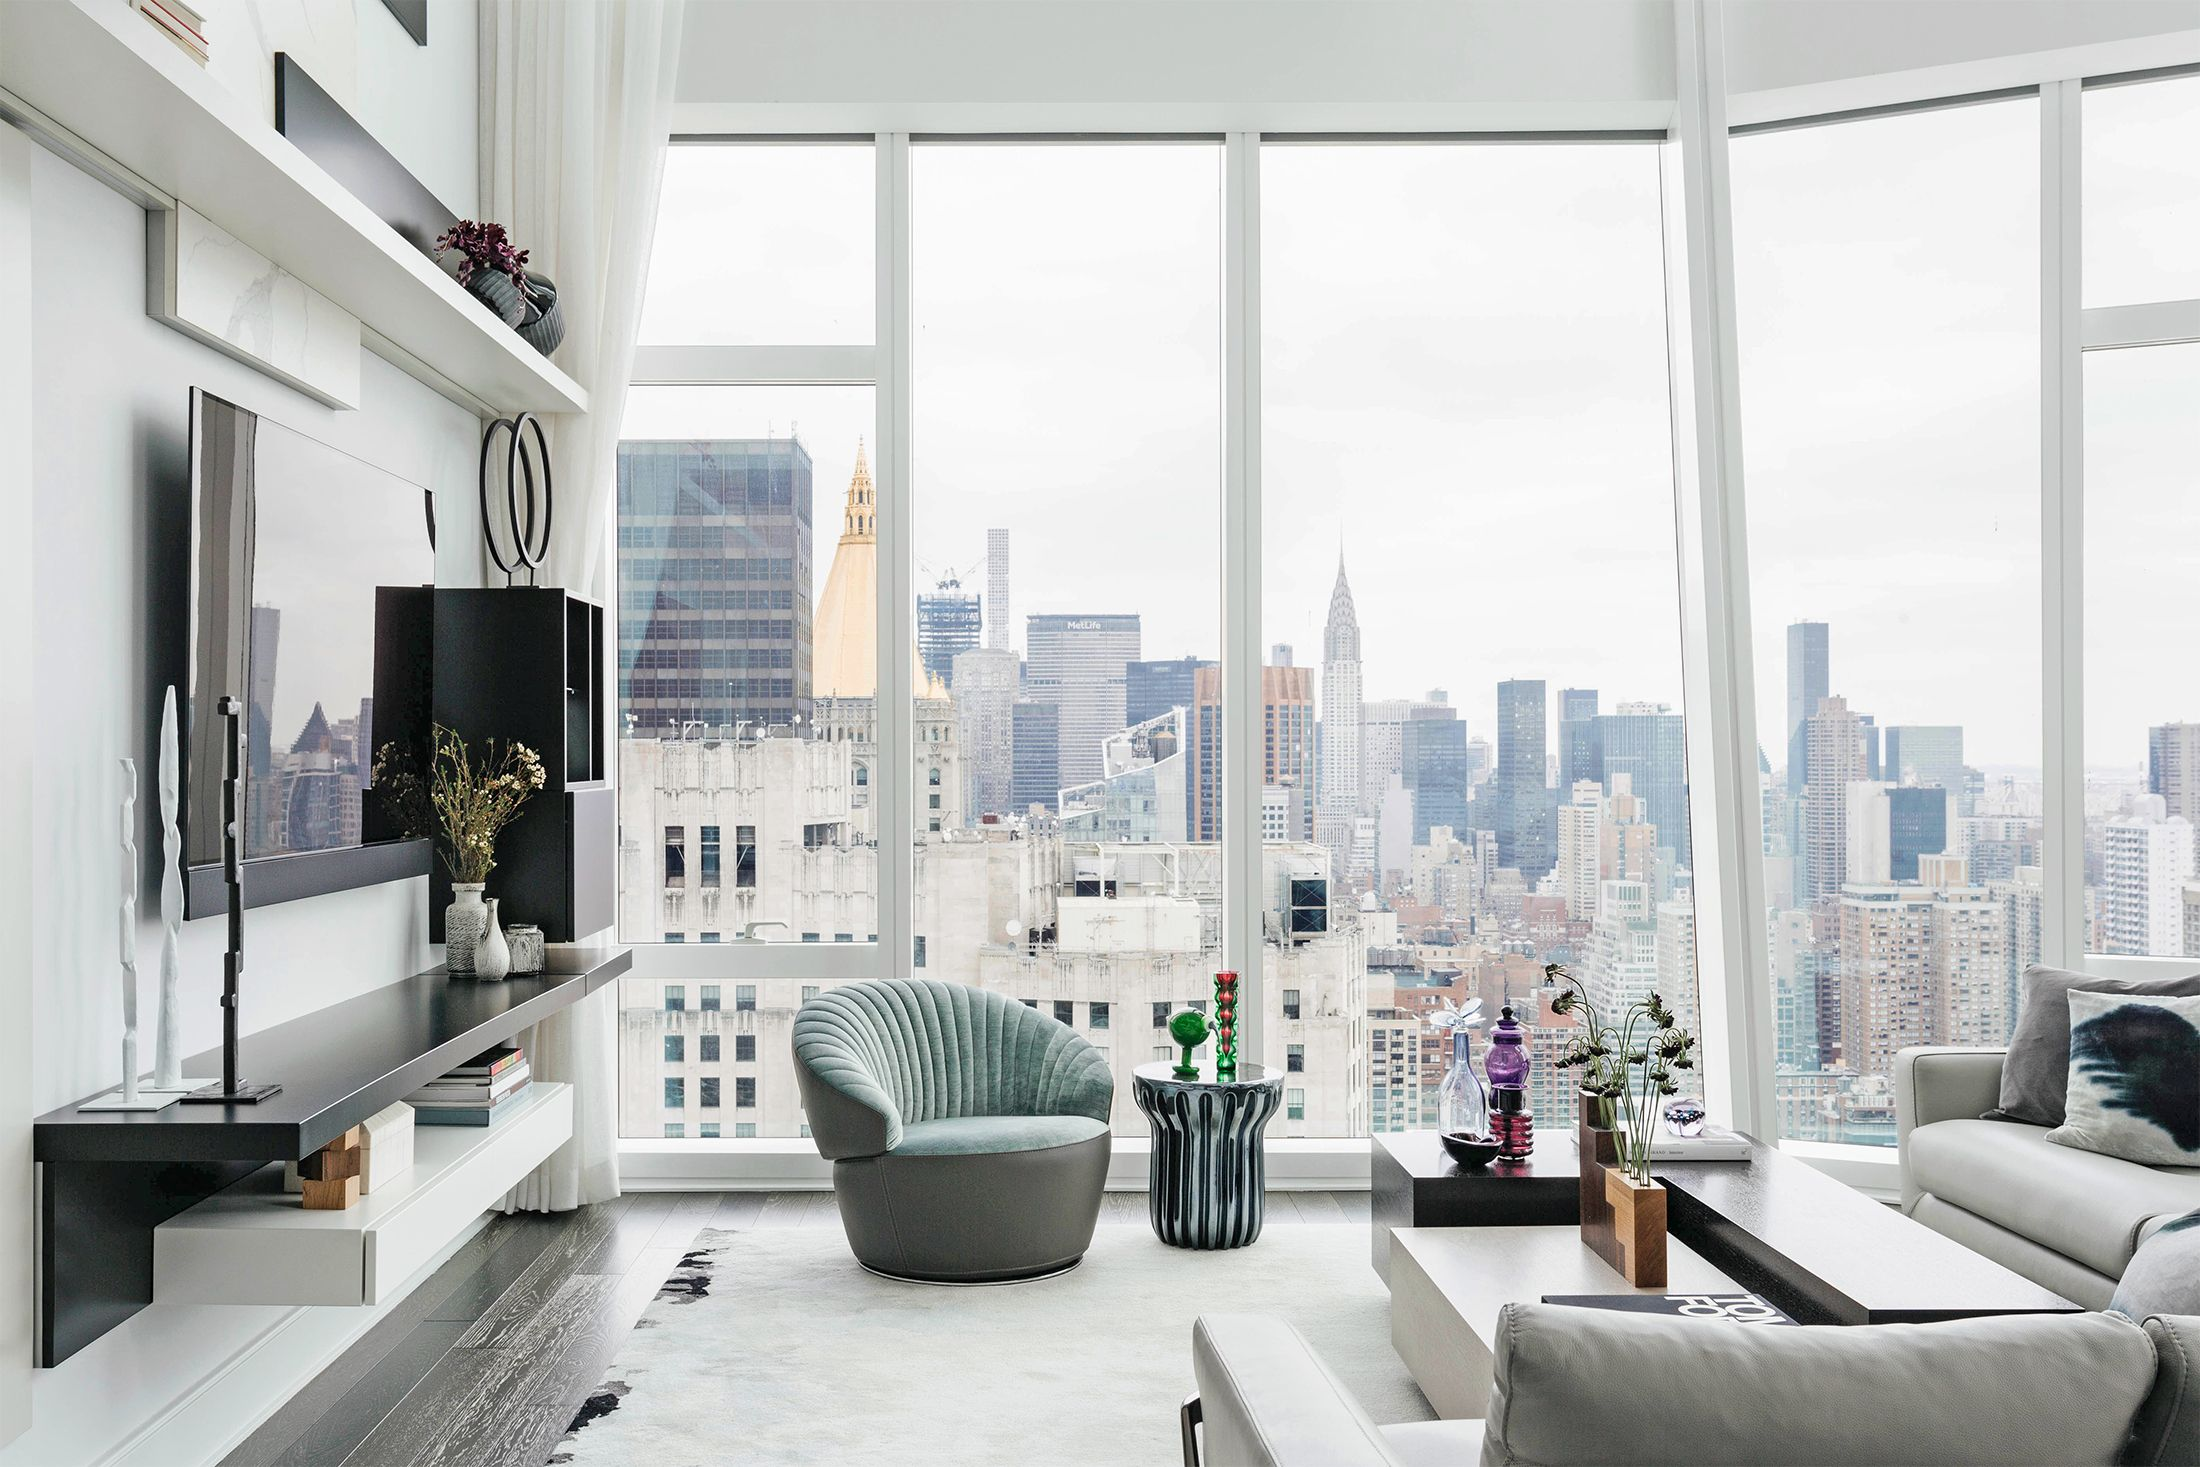 26 White Living Room Ideas Decor For, White Furniture For Living Room